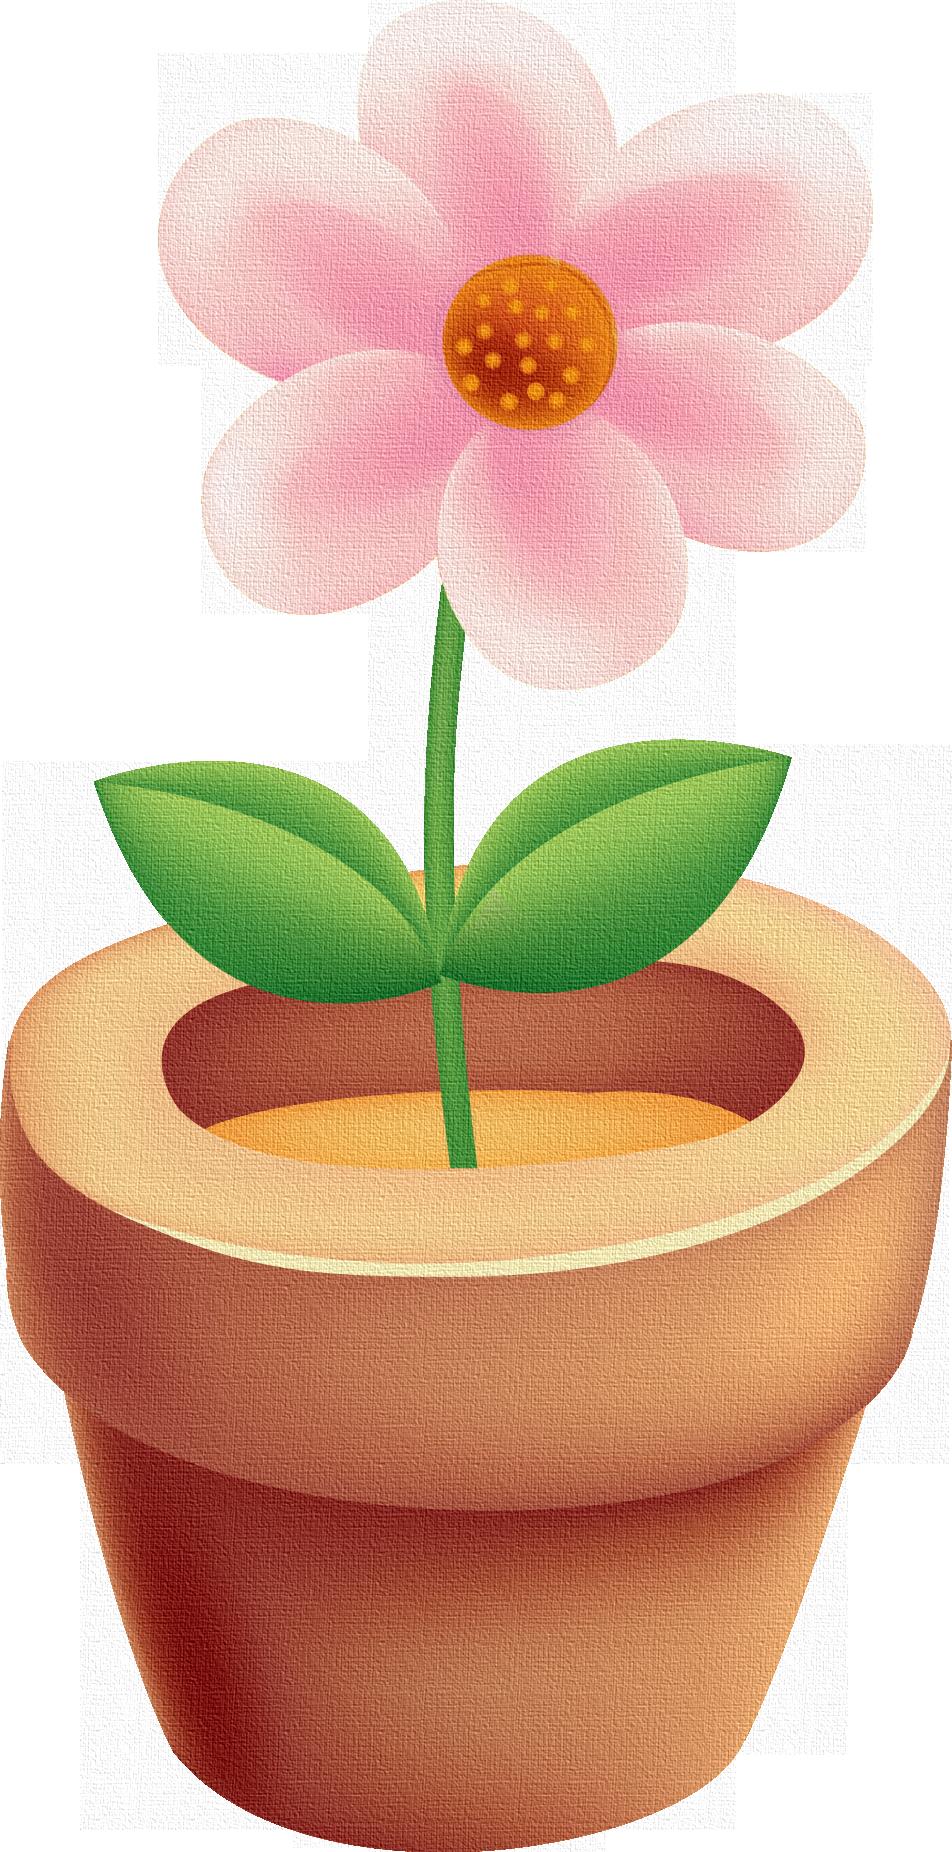 Im genes infantiles maceta y flor rosa - Flores de maceta ...